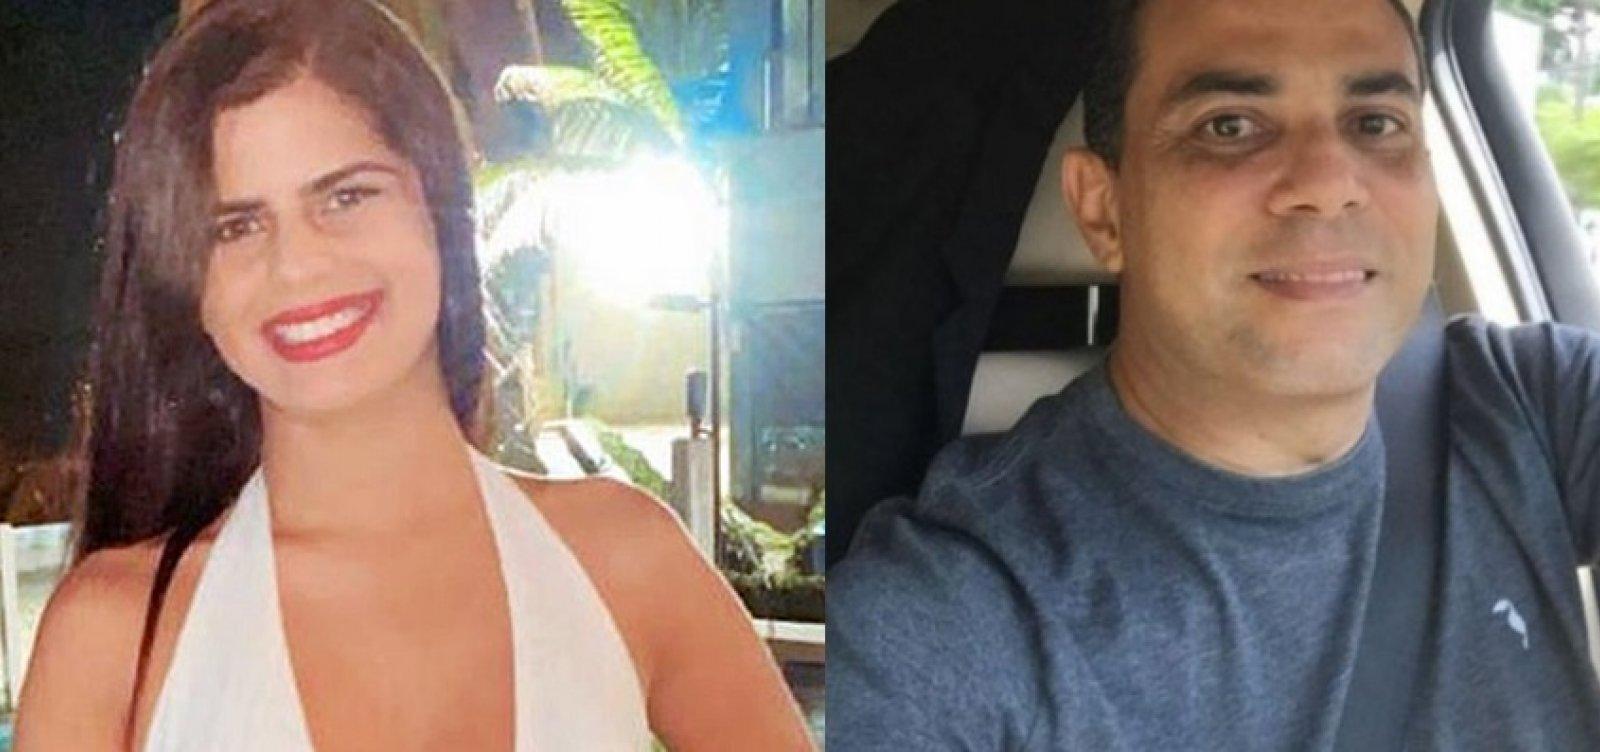 Jovem assassinada por ex-namorado no Rio Vermelho é sepultada em Feira de Santana